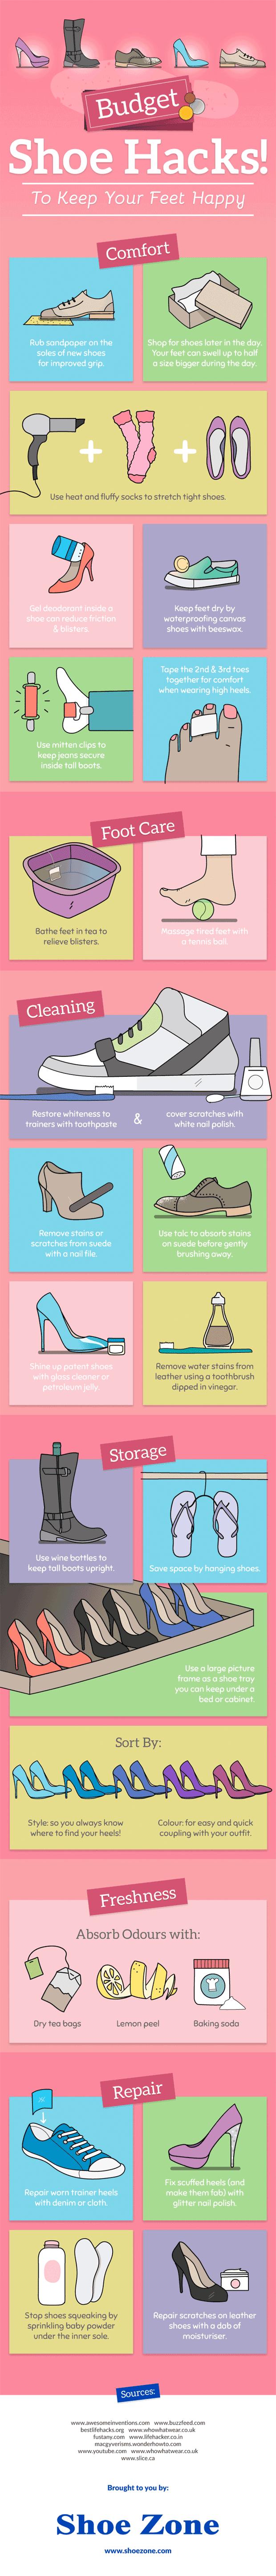 infografía trucos que puedes emplear con los zapatos